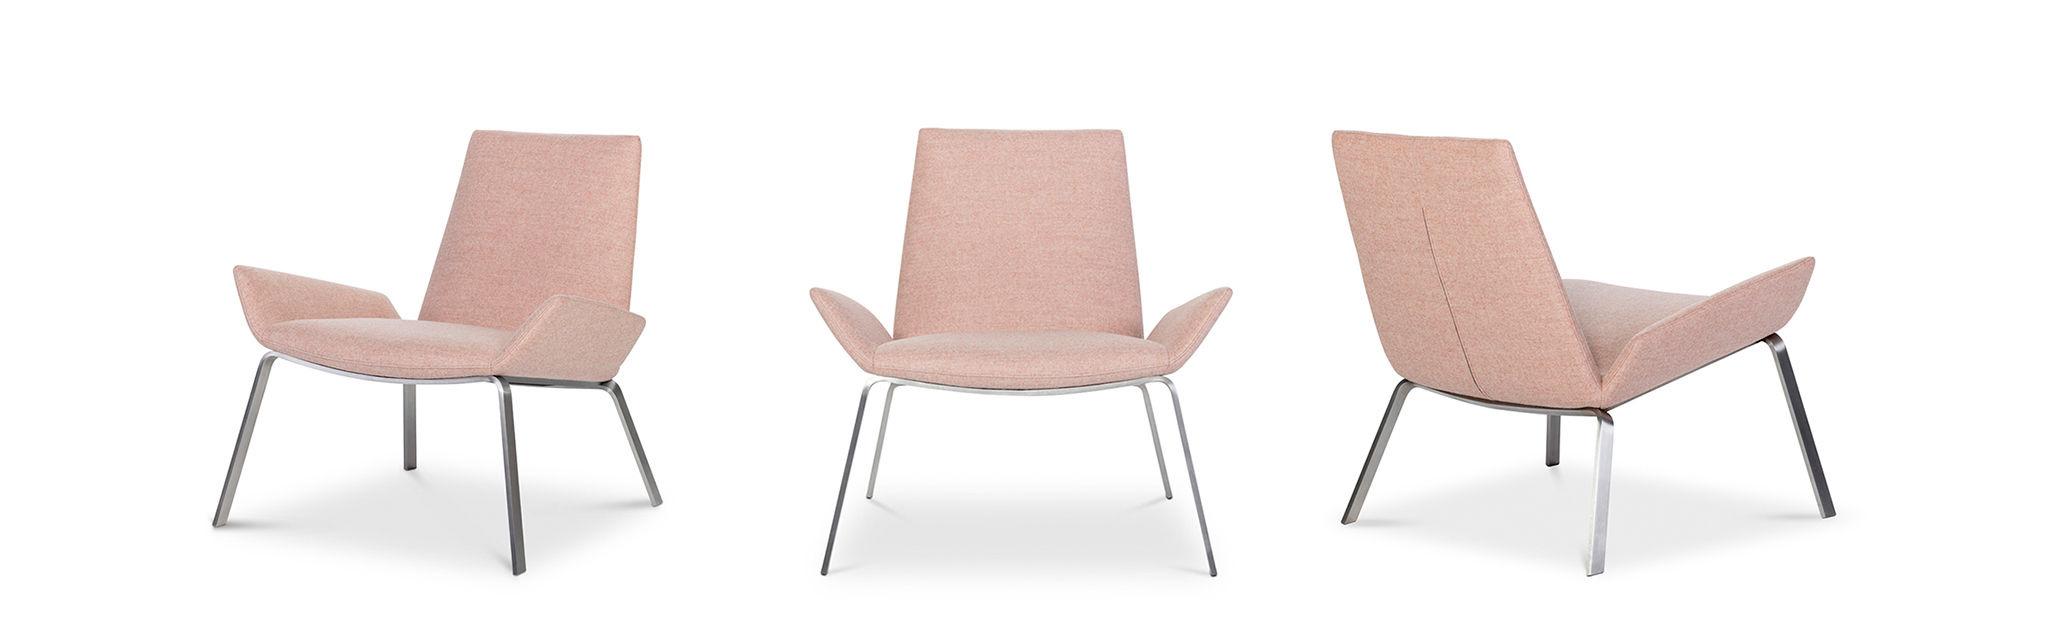 Comfortabele Design Fauteuil.Komio Fauteuil Van Design On Stock Dotshop